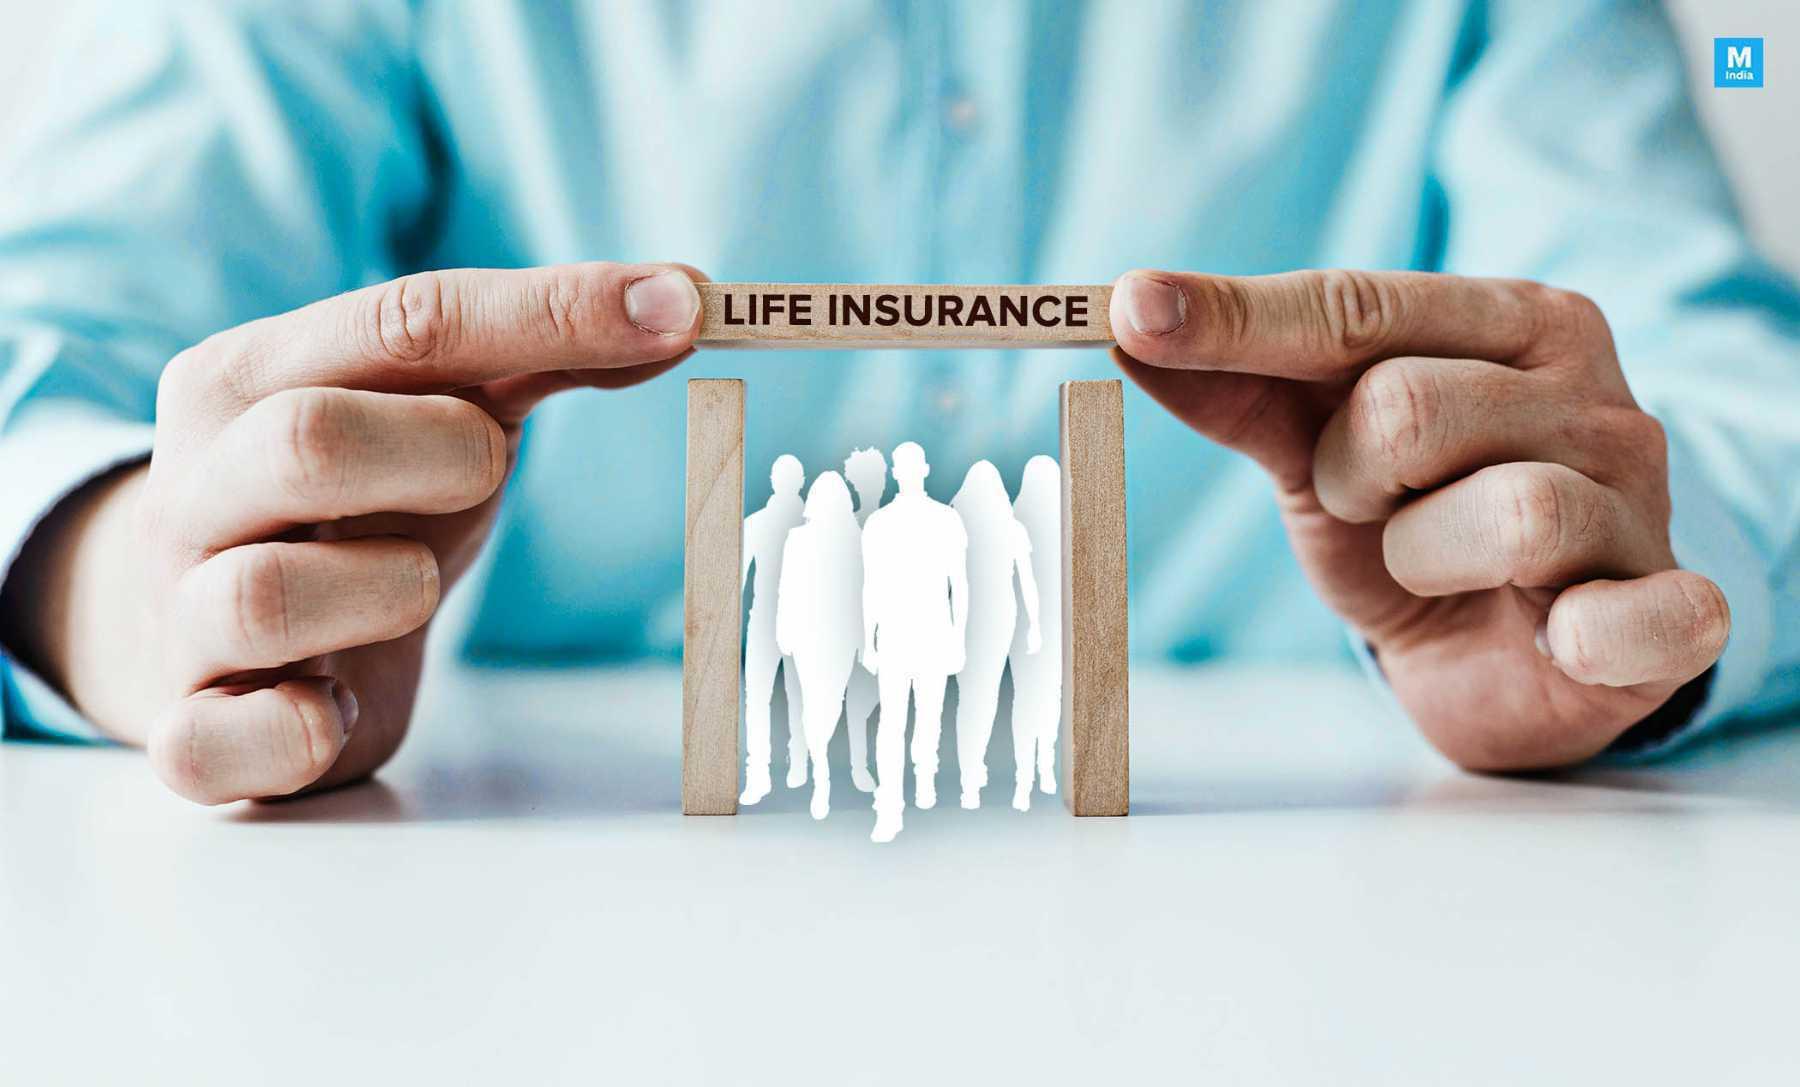 روند رشد بیمه های زندگی در جهان و احتمالات پیش رو